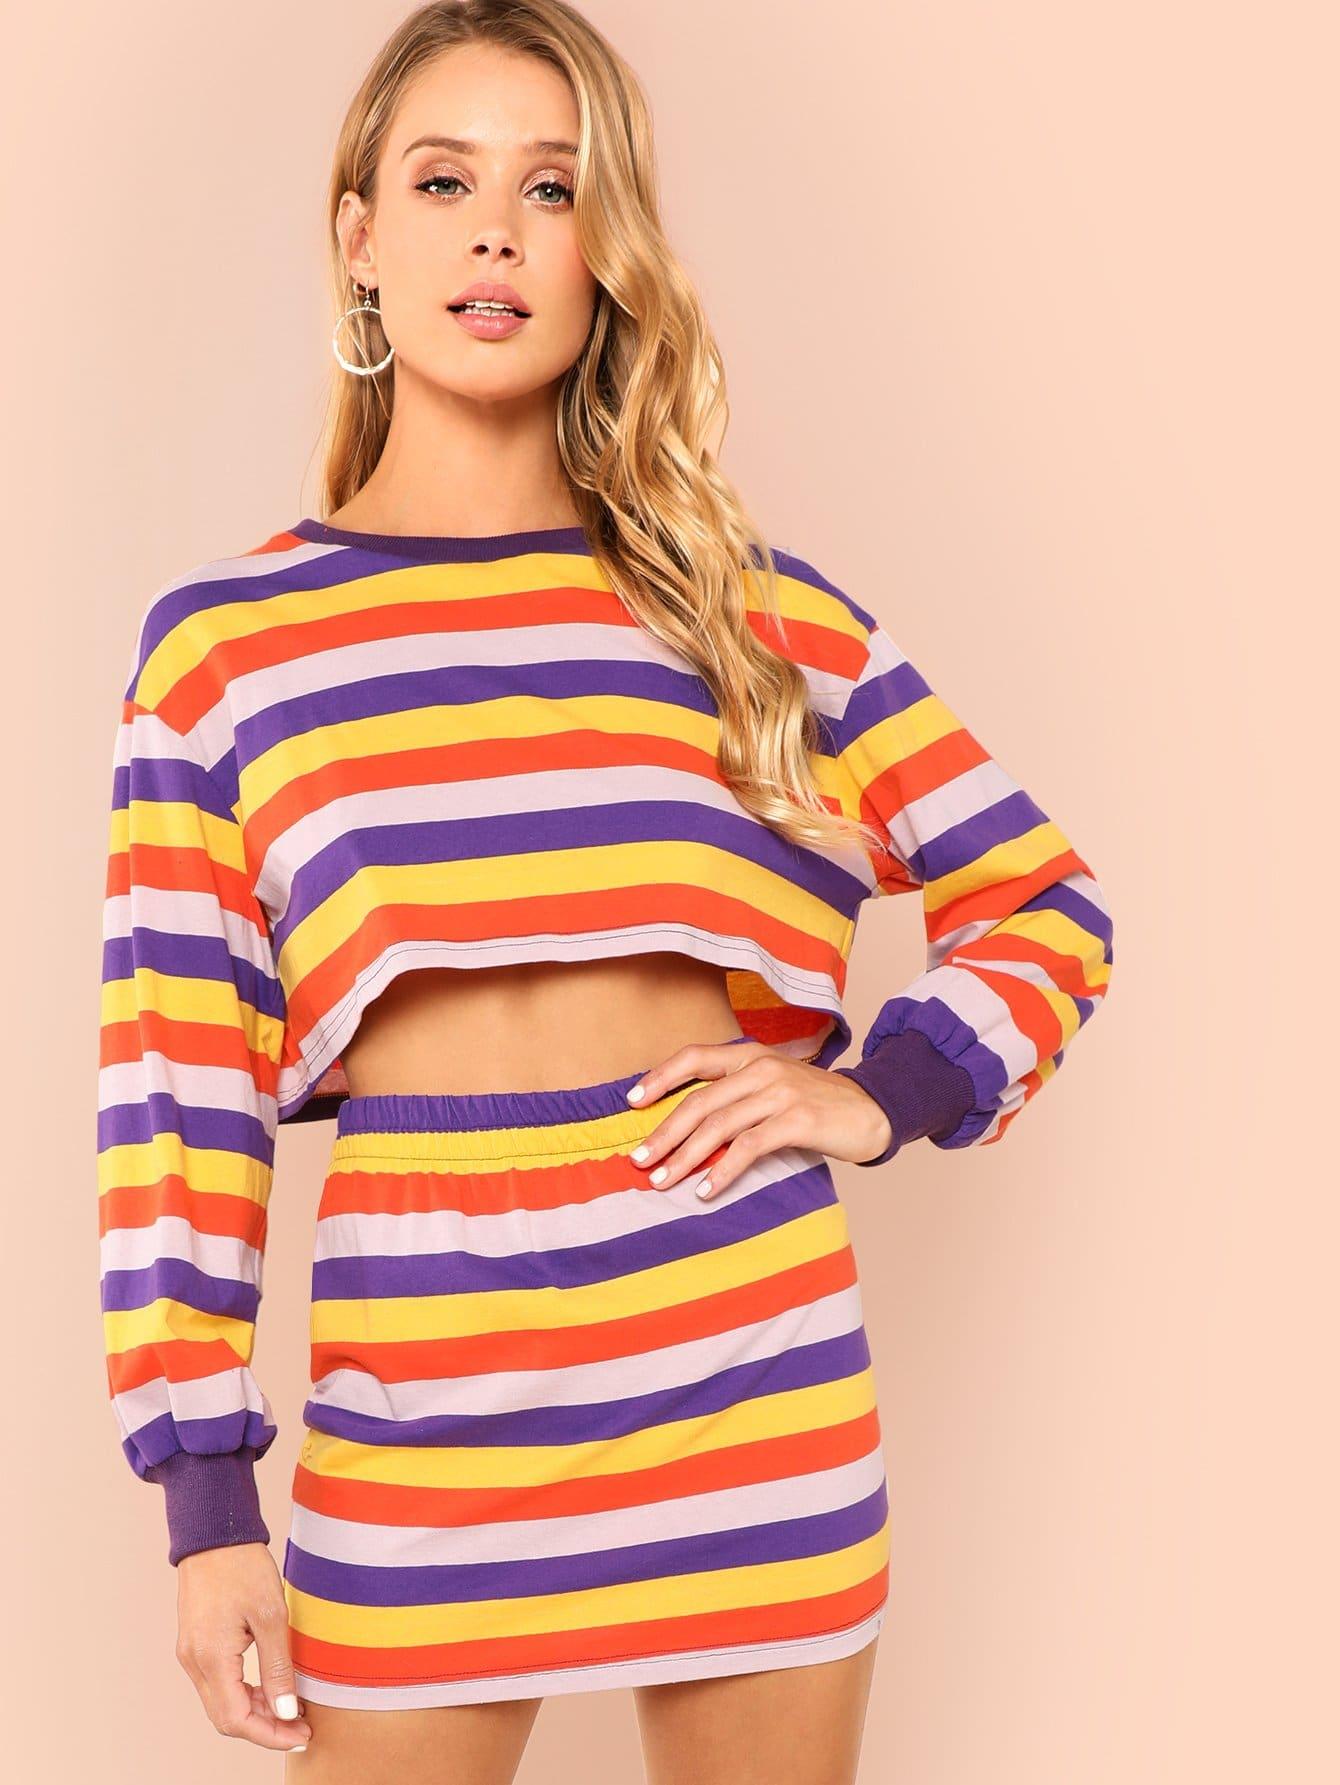 Купить Полосатый комплект для печати и юбки, Allie Leggett, SheIn